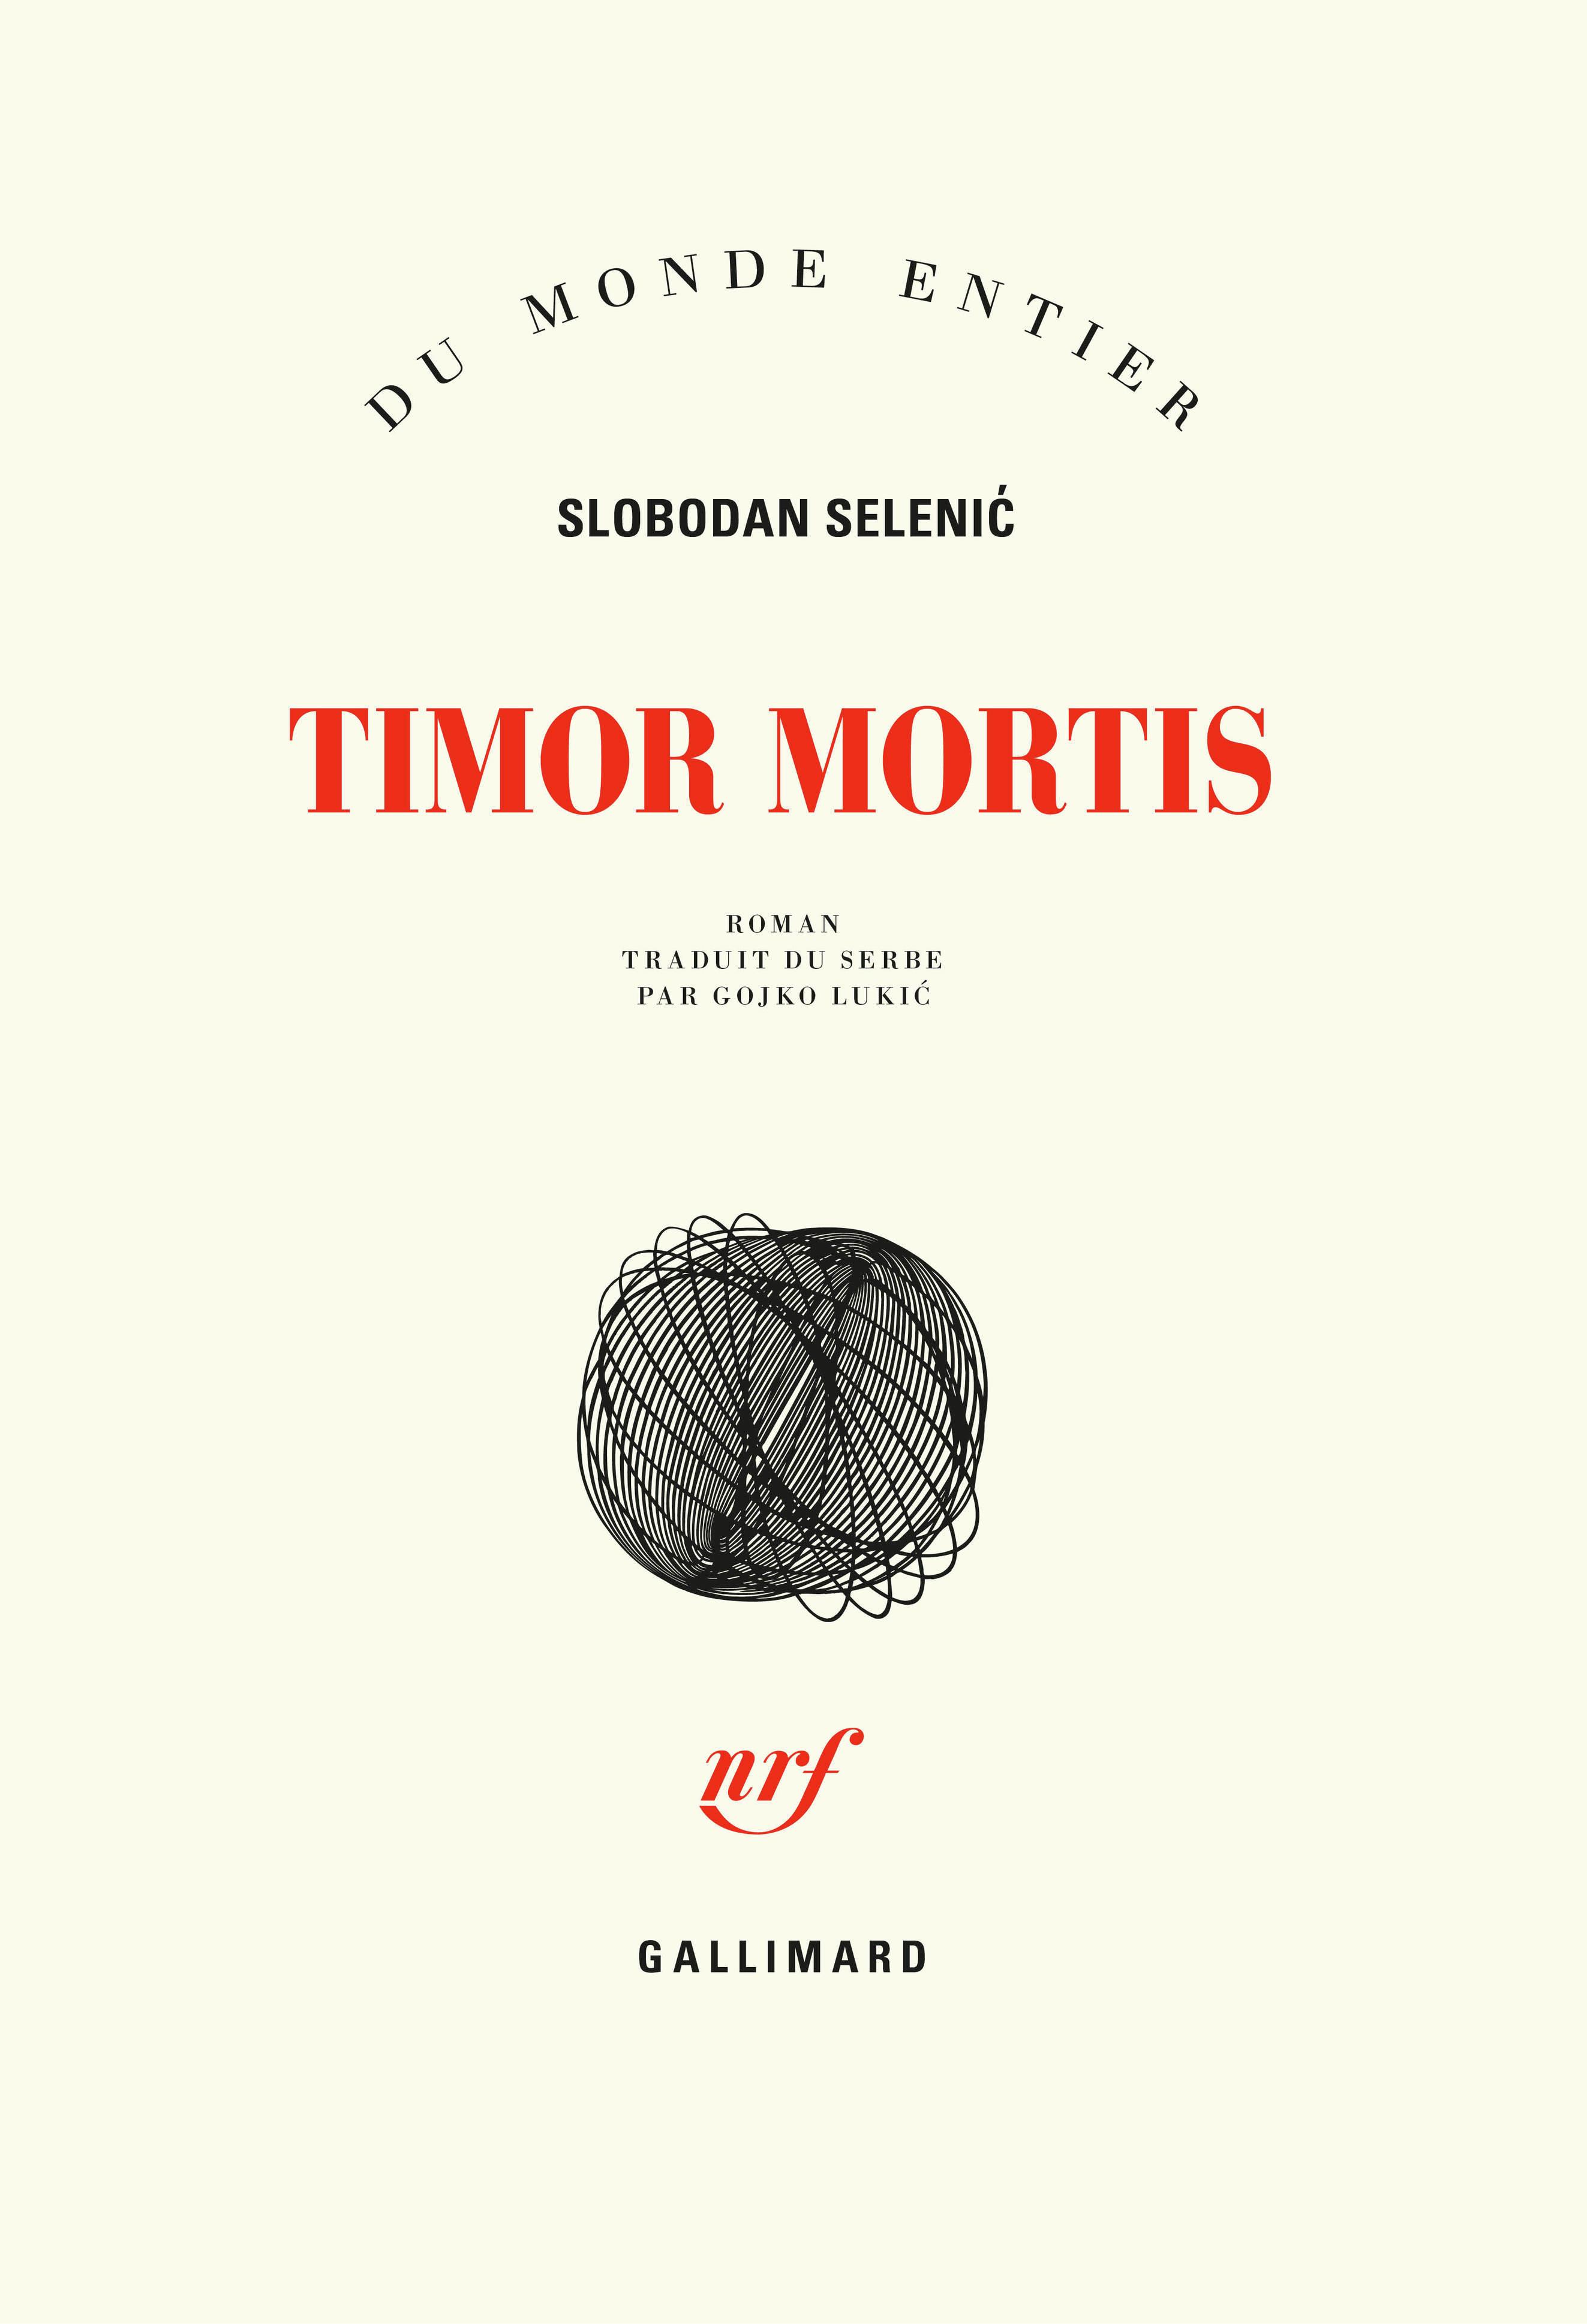 TIMOR MORTIS